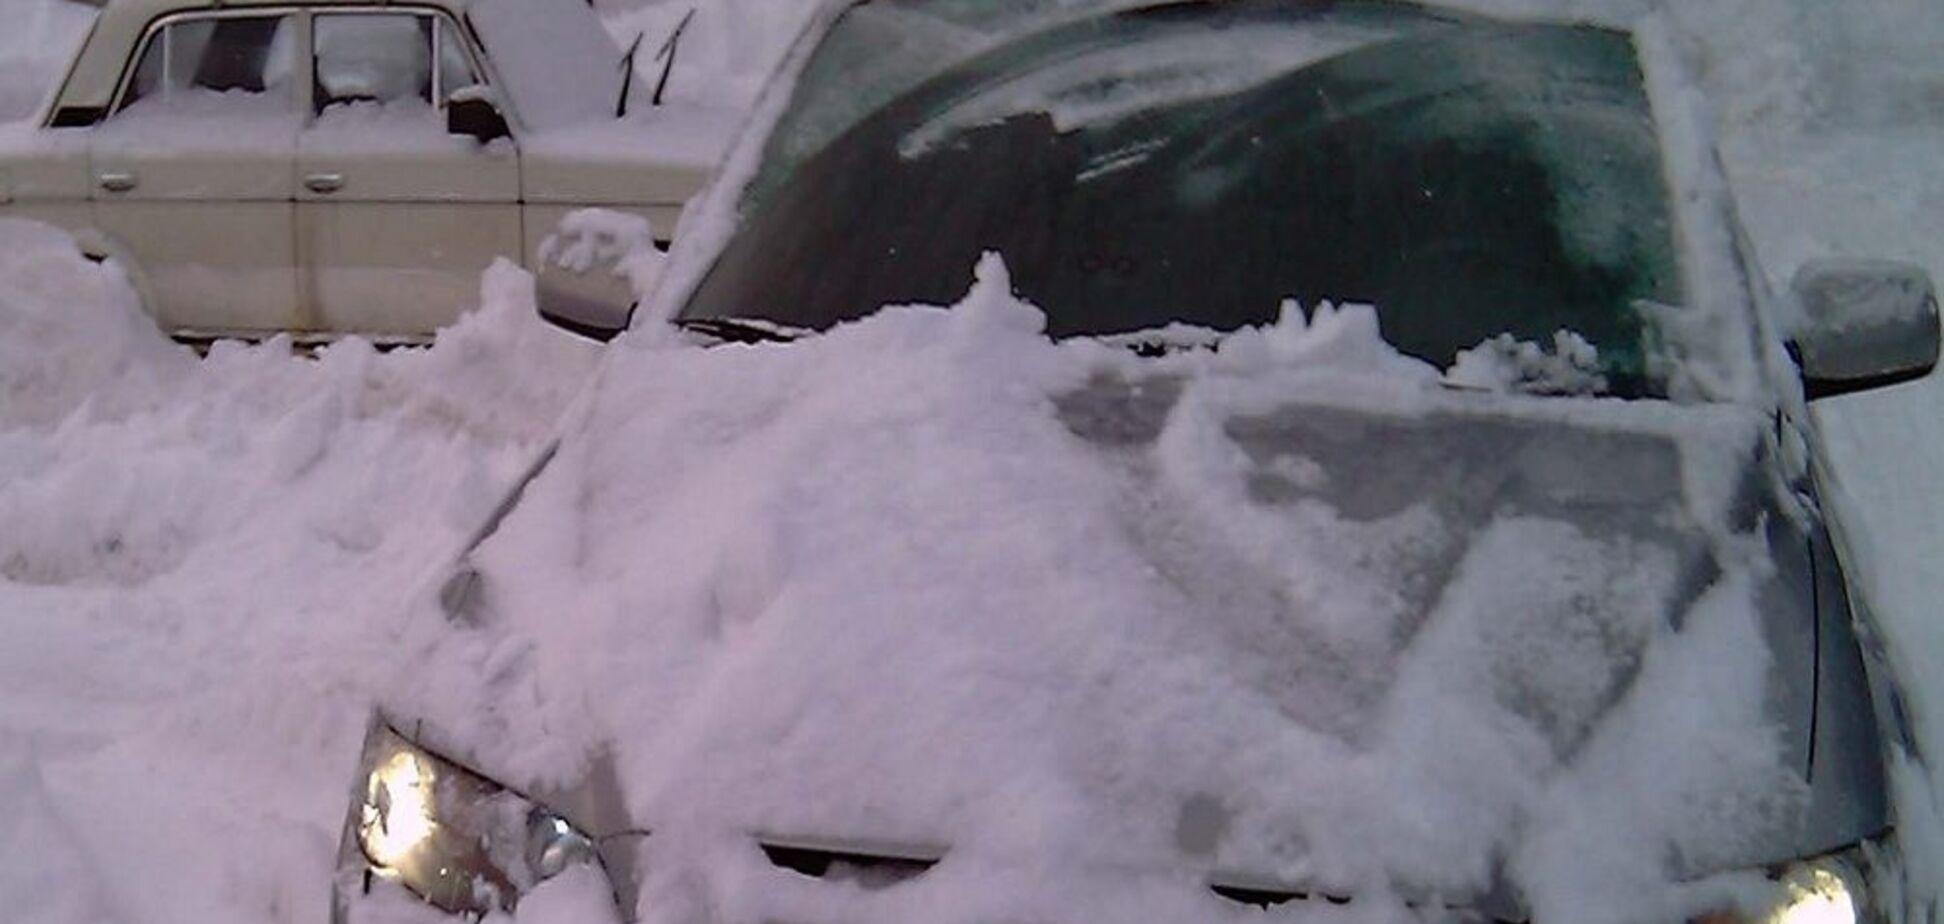 В Киеве чиновнику на авто поставили растяжку с гранатой: появилось фото